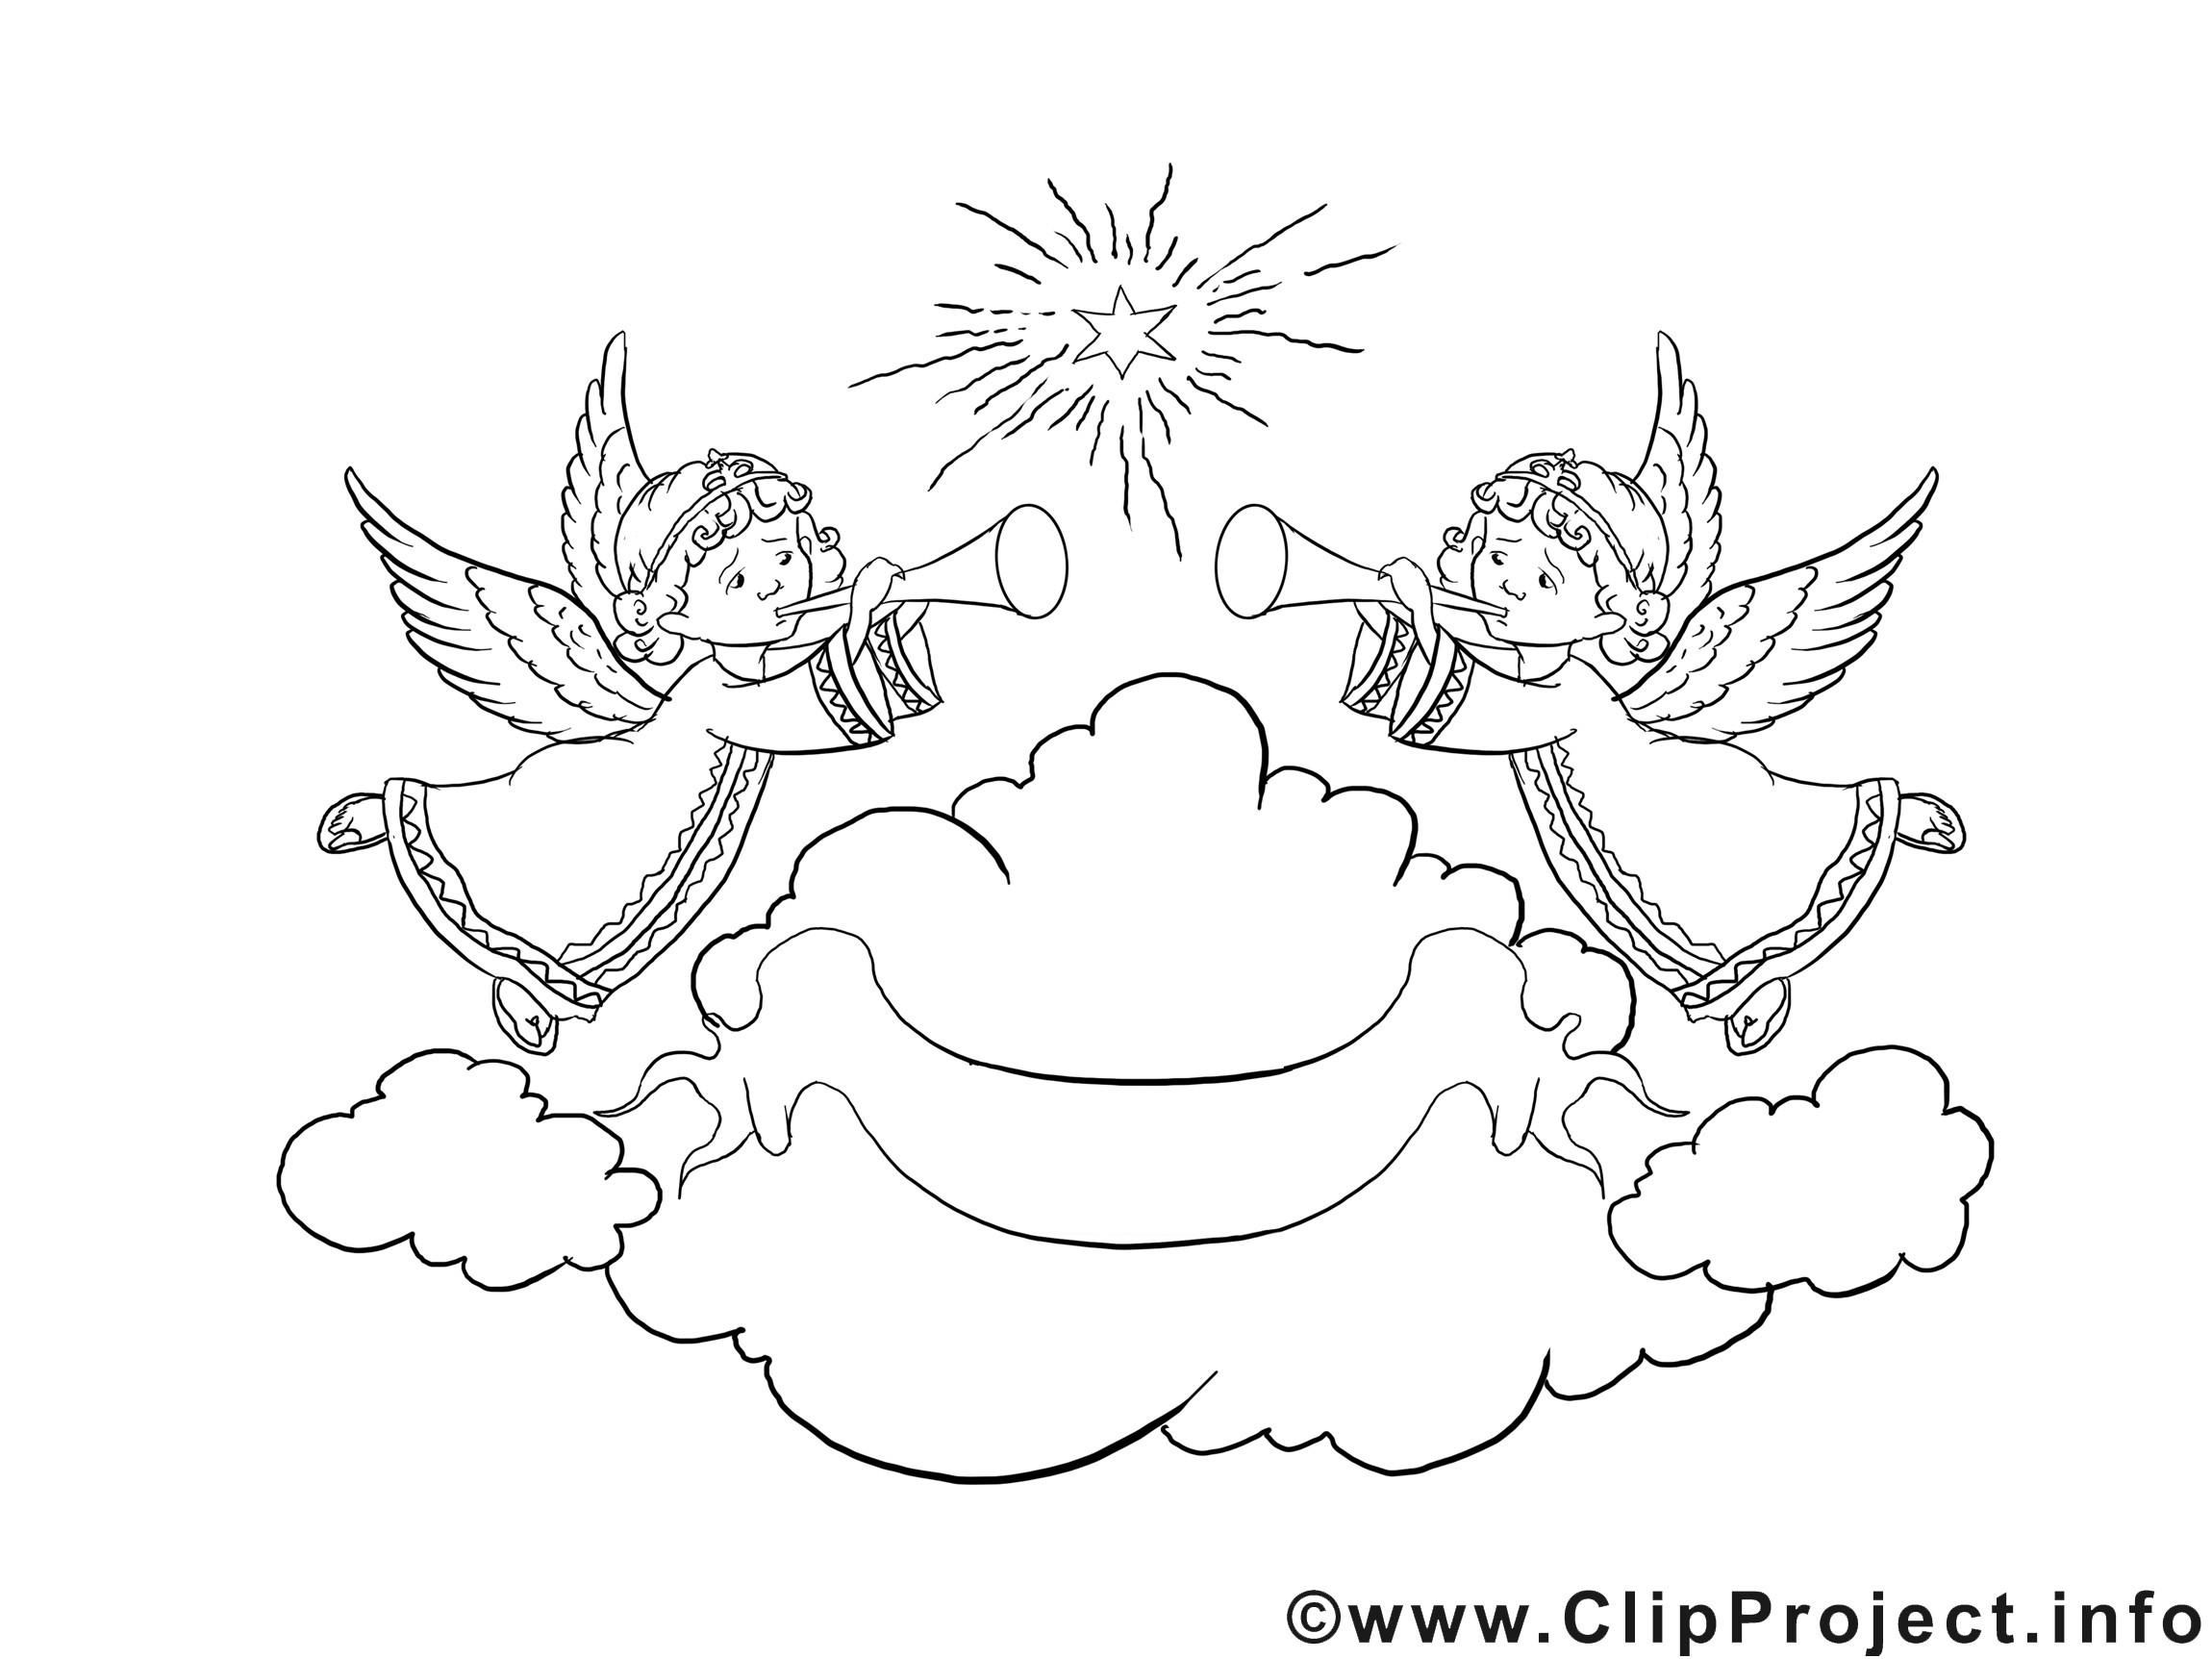 Ausmalbilder.info Weihnachten Das Beste Von Ausmalbilder Advent Genial Engel Malvorlagen Weihnachten Stock